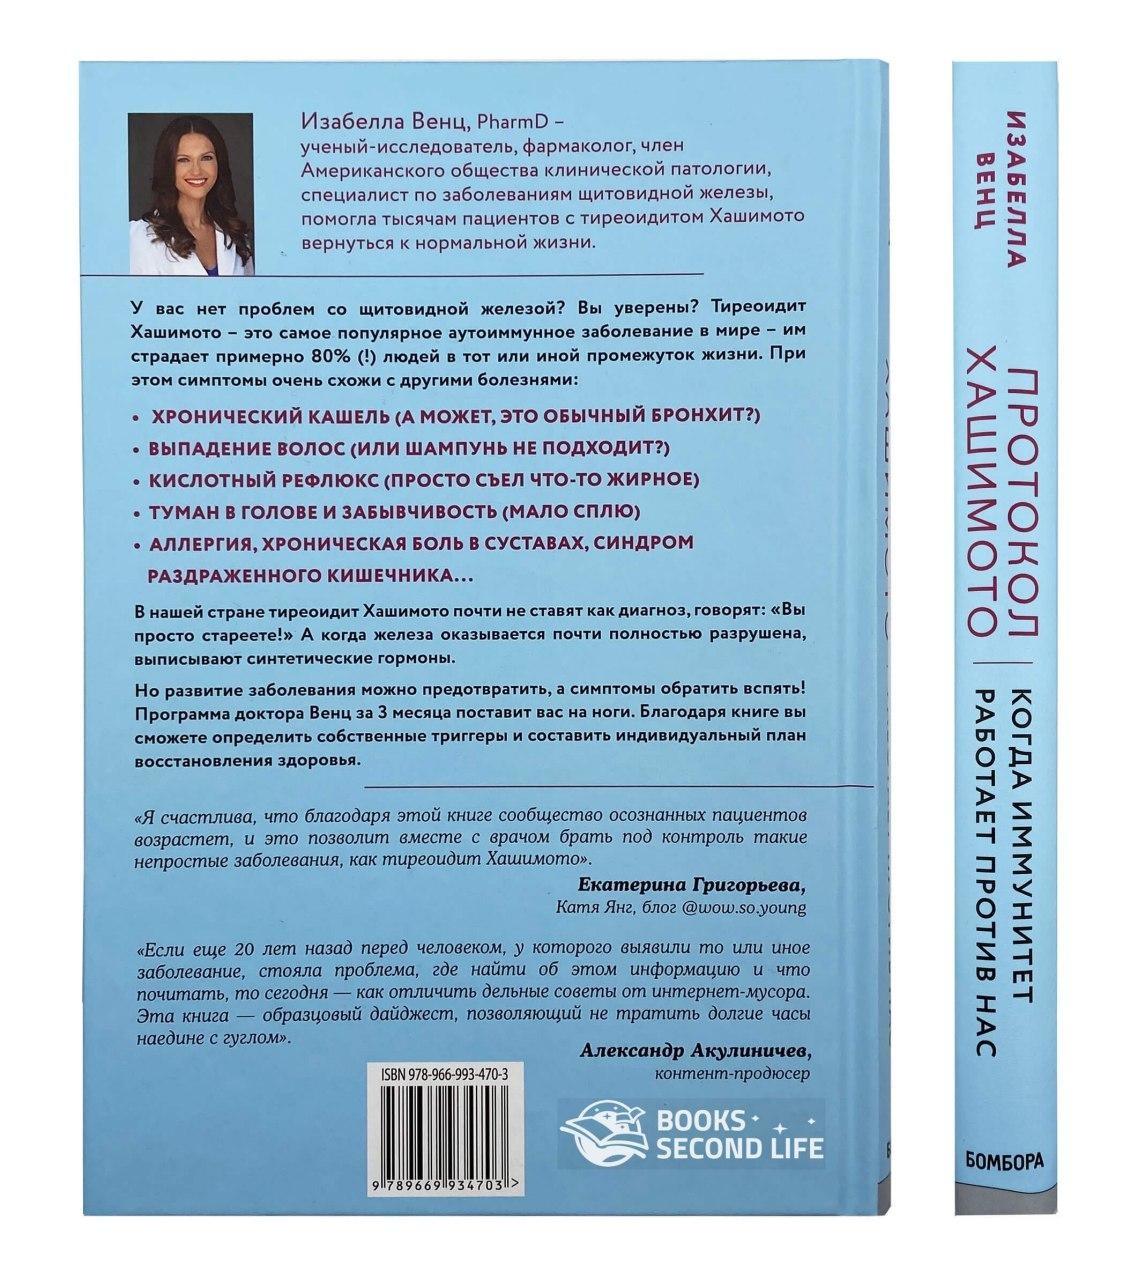 Протокол Хашимото: когда иммунитет работает против нас. Автор — Изабелла Хашимото. Переплет —